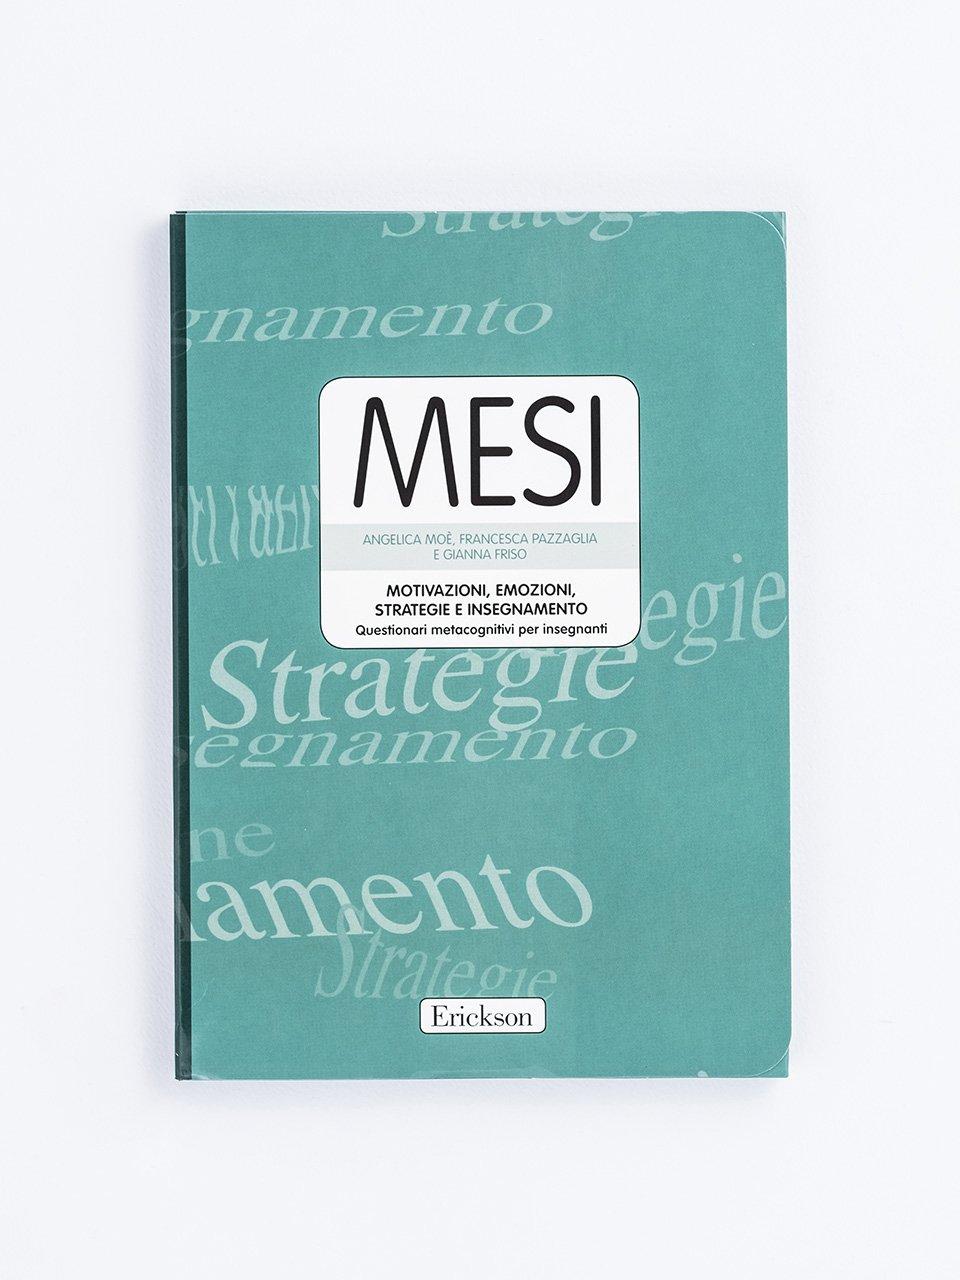 MESI - Motivazioni, Emozioni, Strategie e Insegnamento - Italiano / Storia / Geografia - Erickson